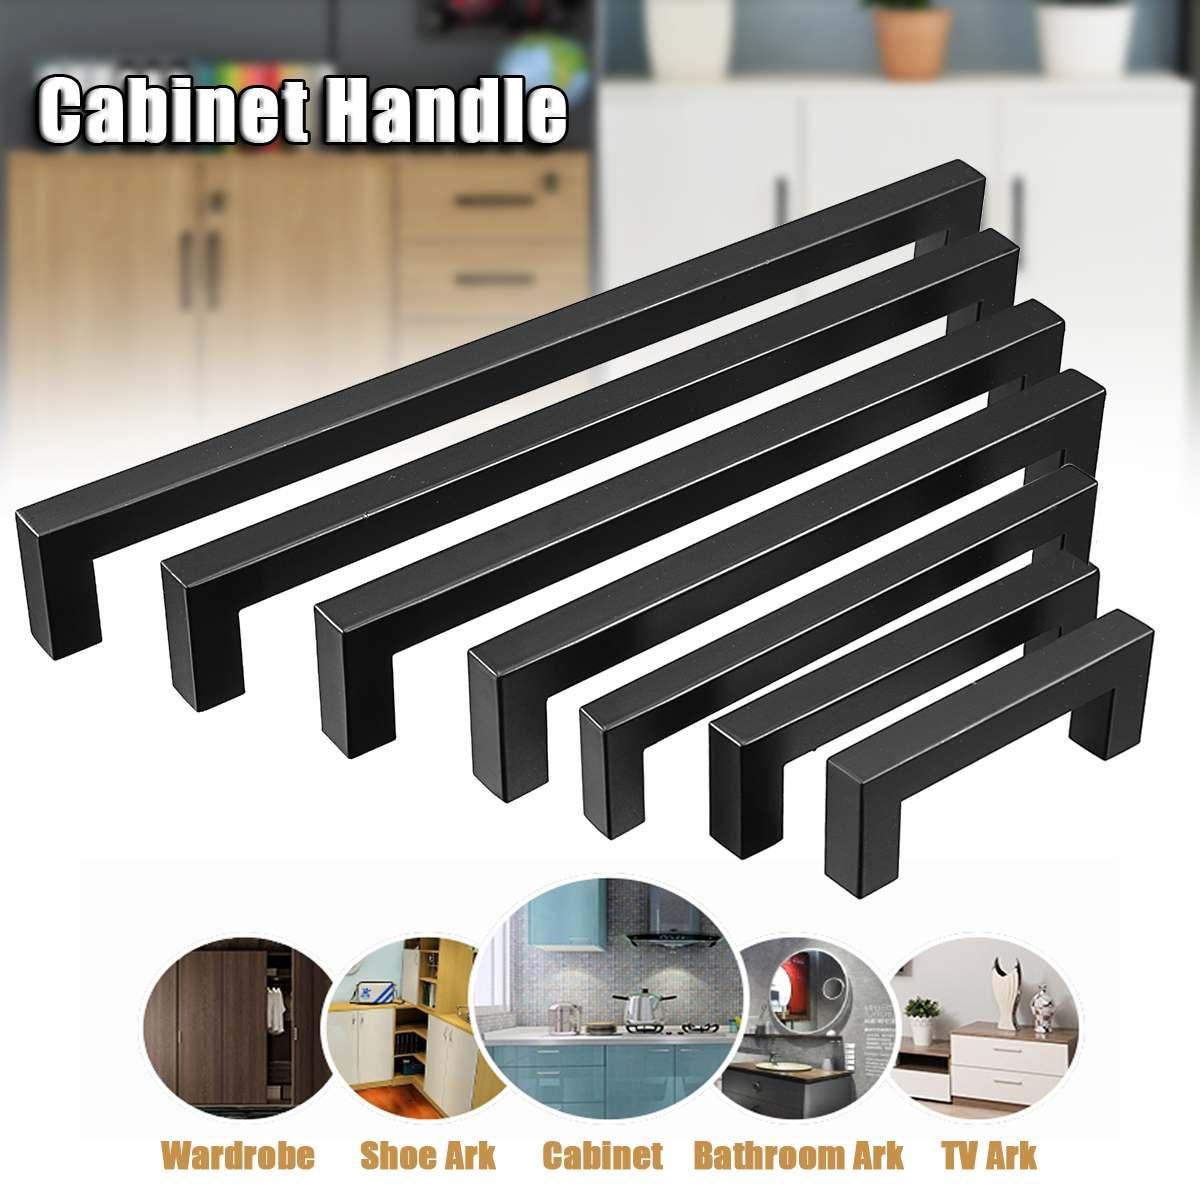 Armario cuadrado de acero inoxidable negro de 3-15 pulgadas, tiradores para armario de baño, tiradores para puerta, tiradores para muebles, armarios de cocina